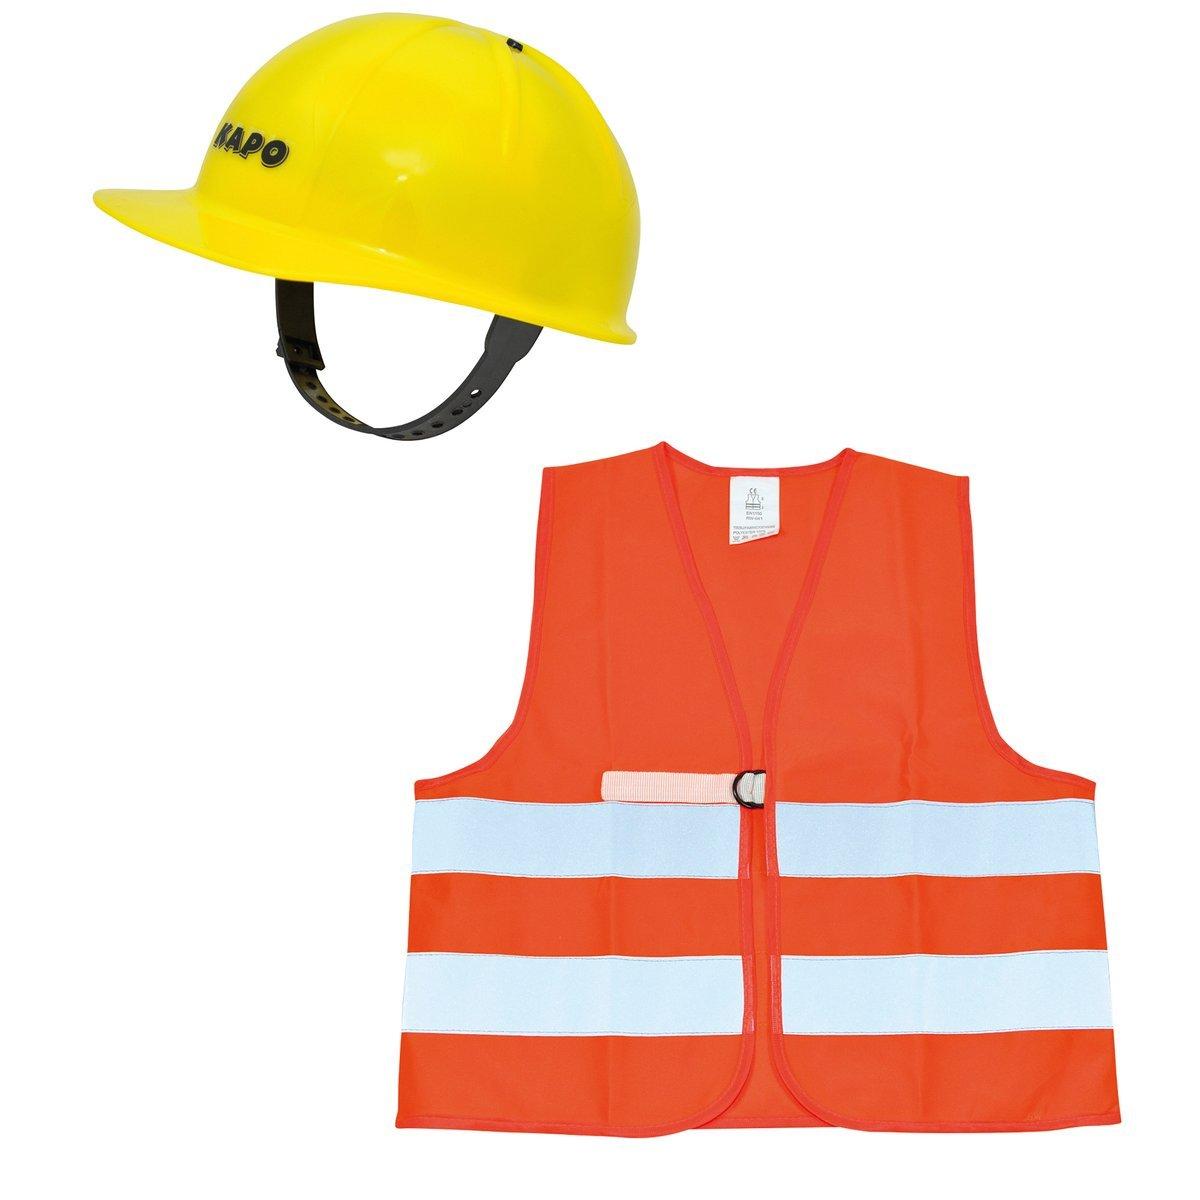 SOLINI Le casque de chantier + le gilet de sécurité costume enfant carnaval, jaune/orange SOLINI Le casque de chantier + le gilet de sécurité costume enfant carnaval